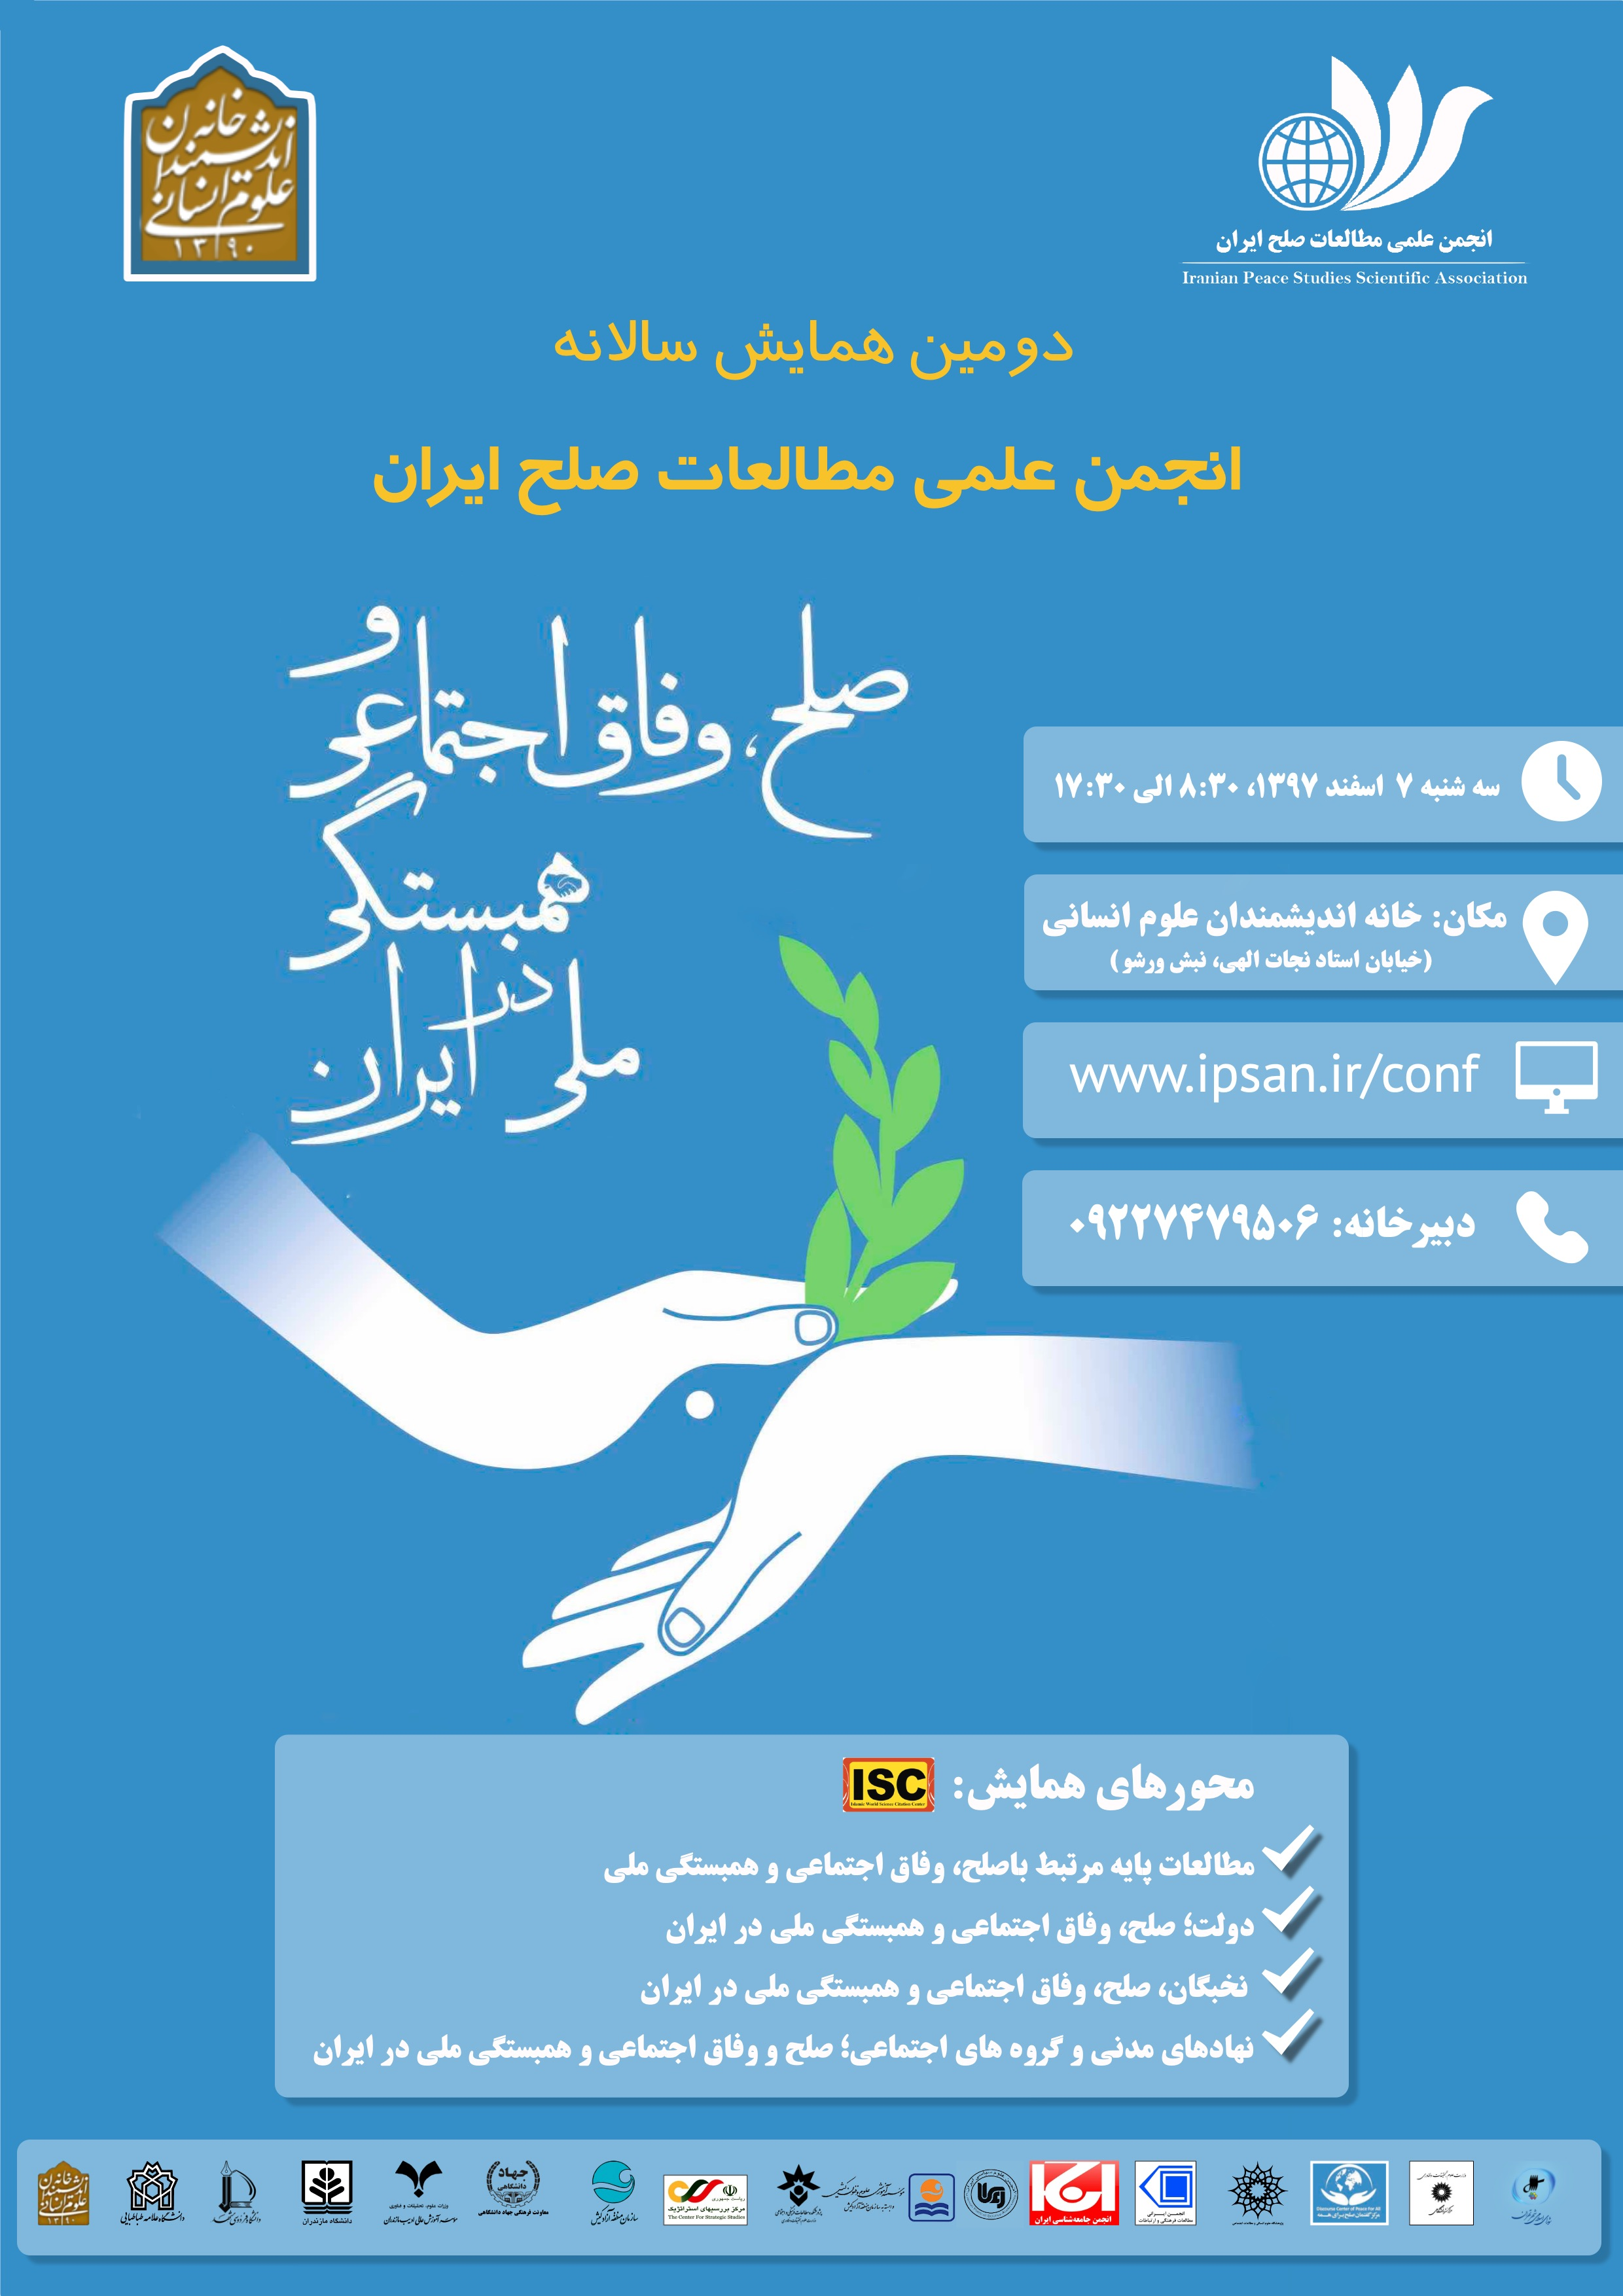 پوستر همایش صلح، وفاق اجتماعی و همبستگی ملی